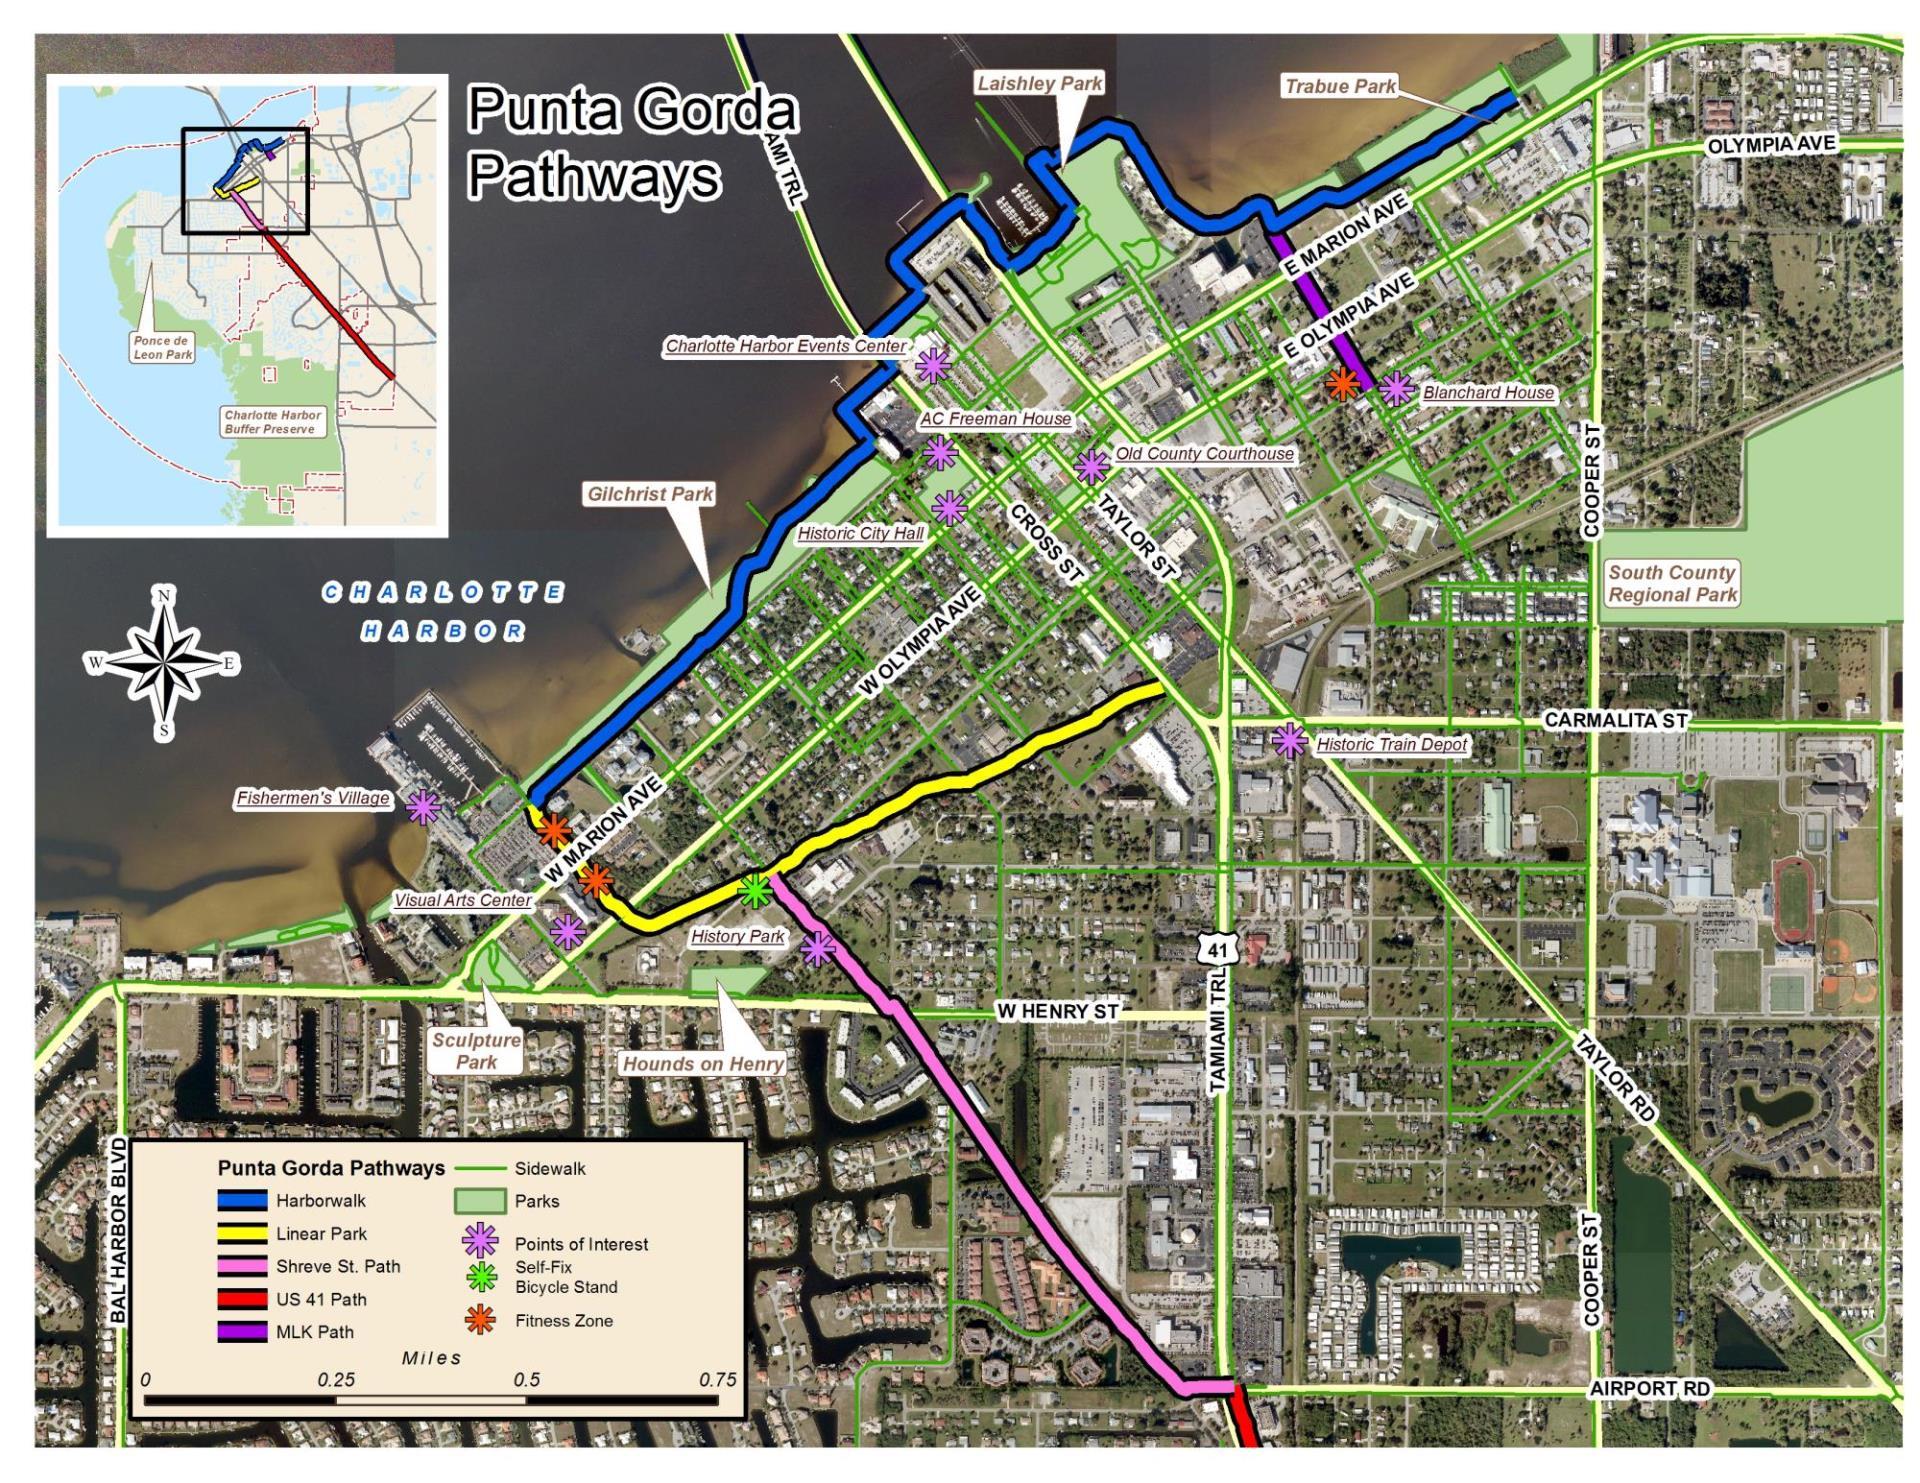 Punta Gorda Pathways | City of Punta Gorda, FL